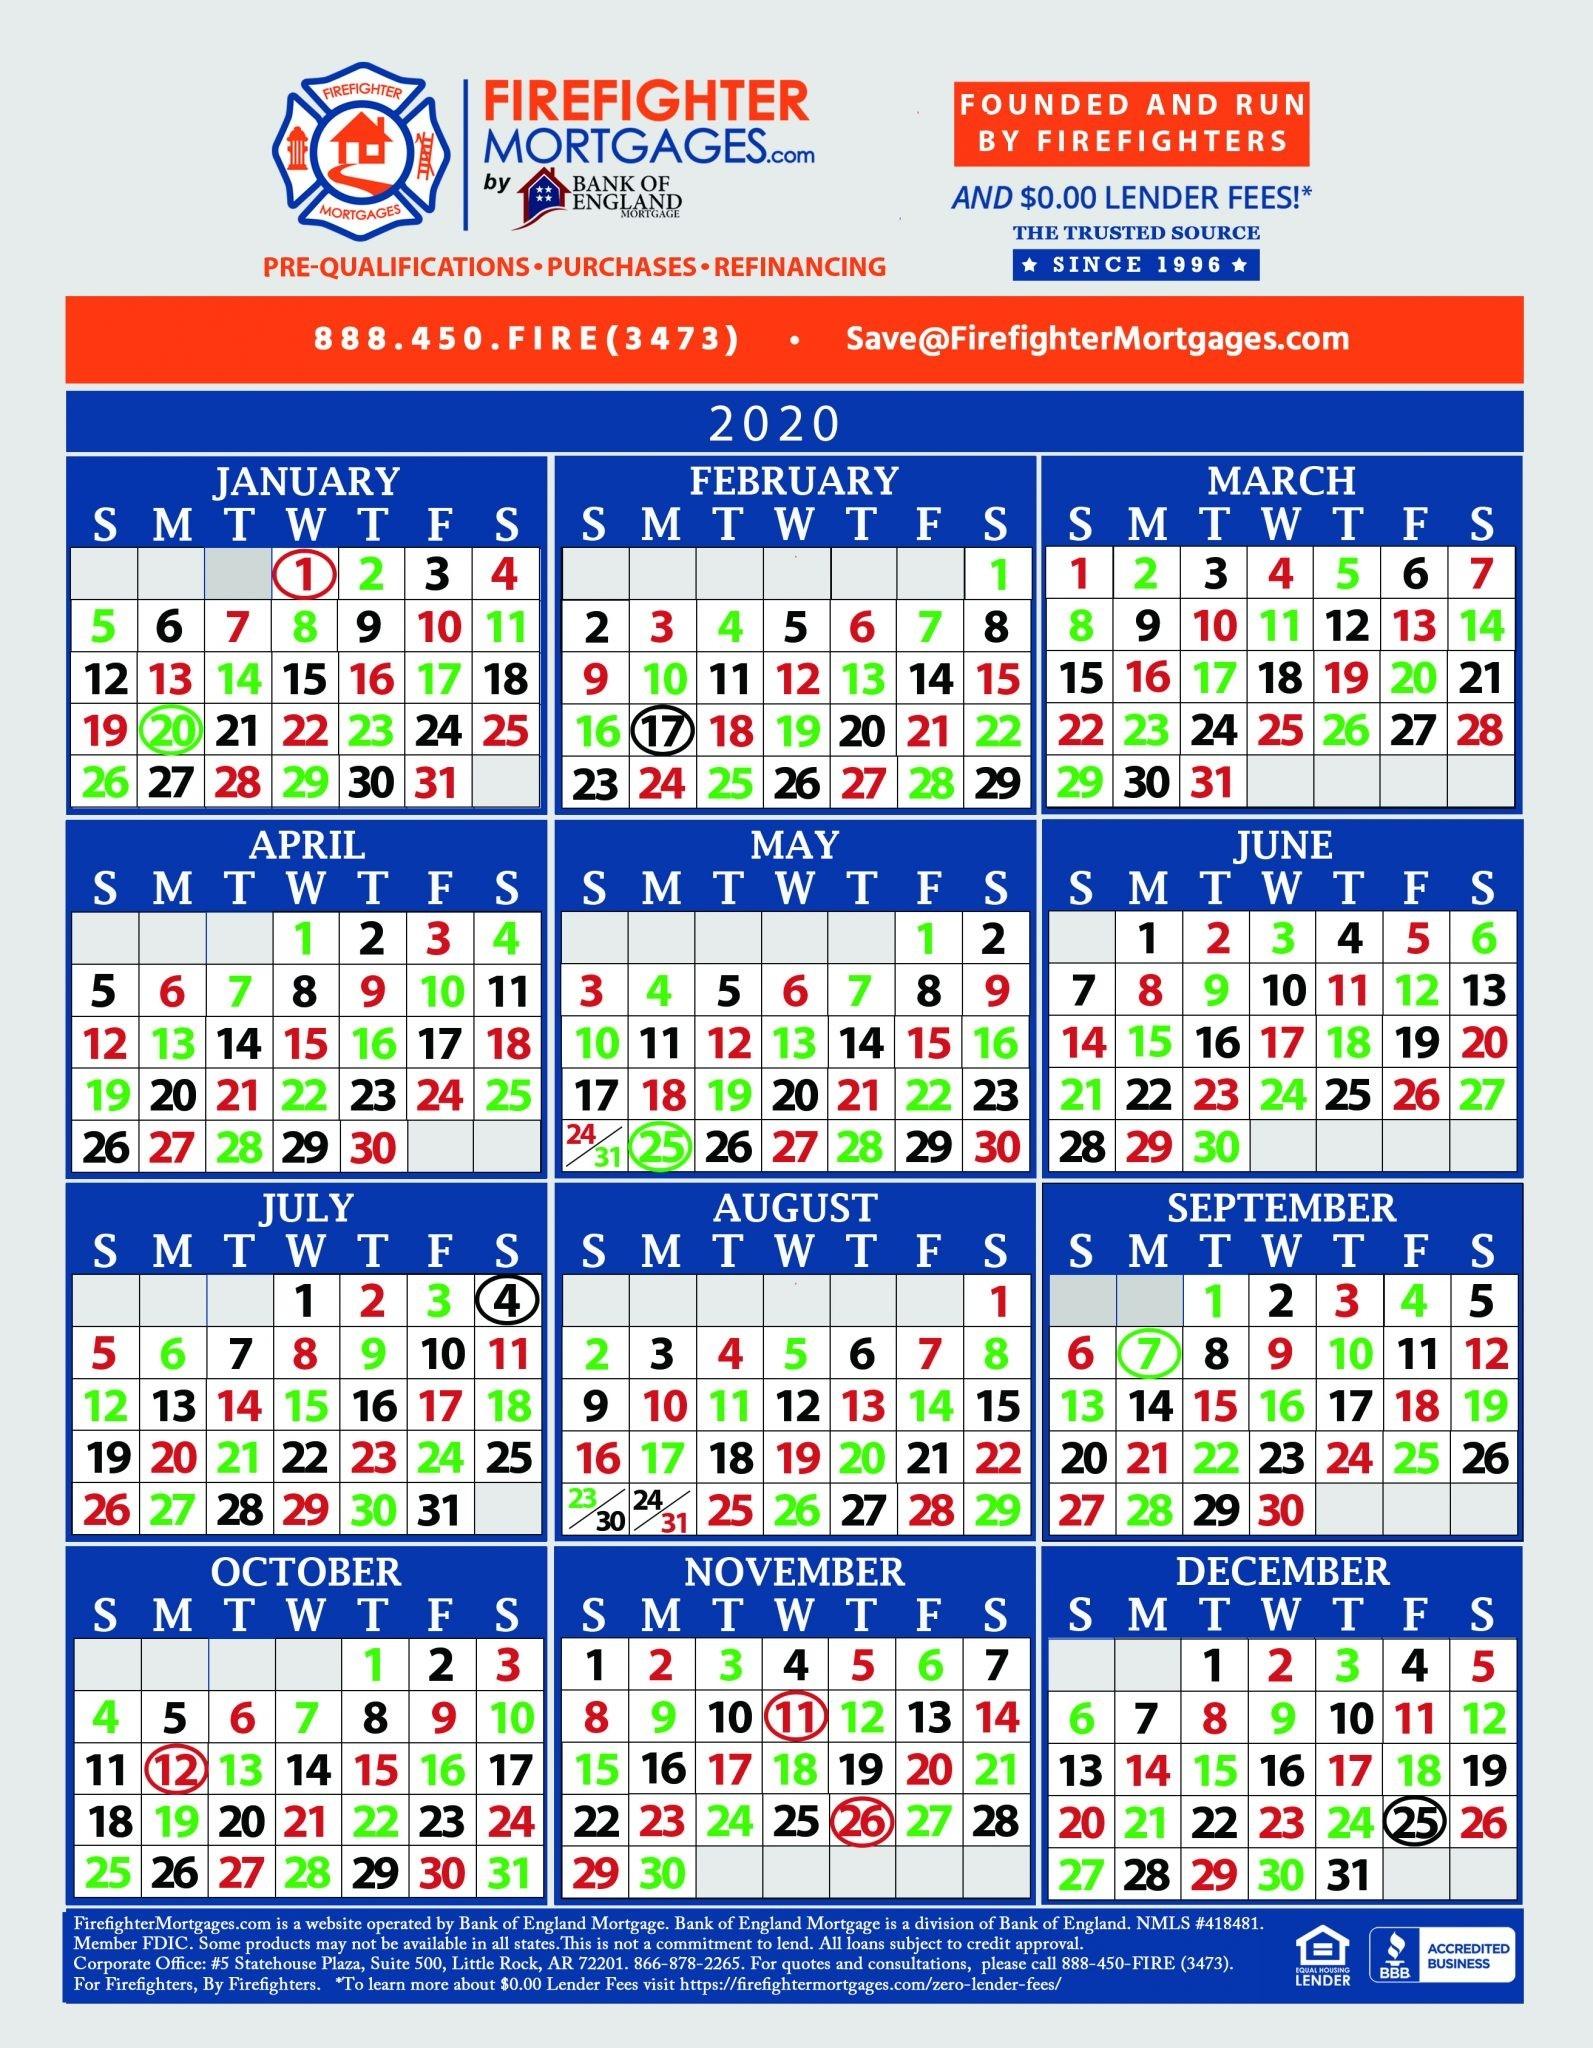 Firefighter Shift Calendars - Firefighter Mortgages®  Phoenix Fire Shift Calendar 2020